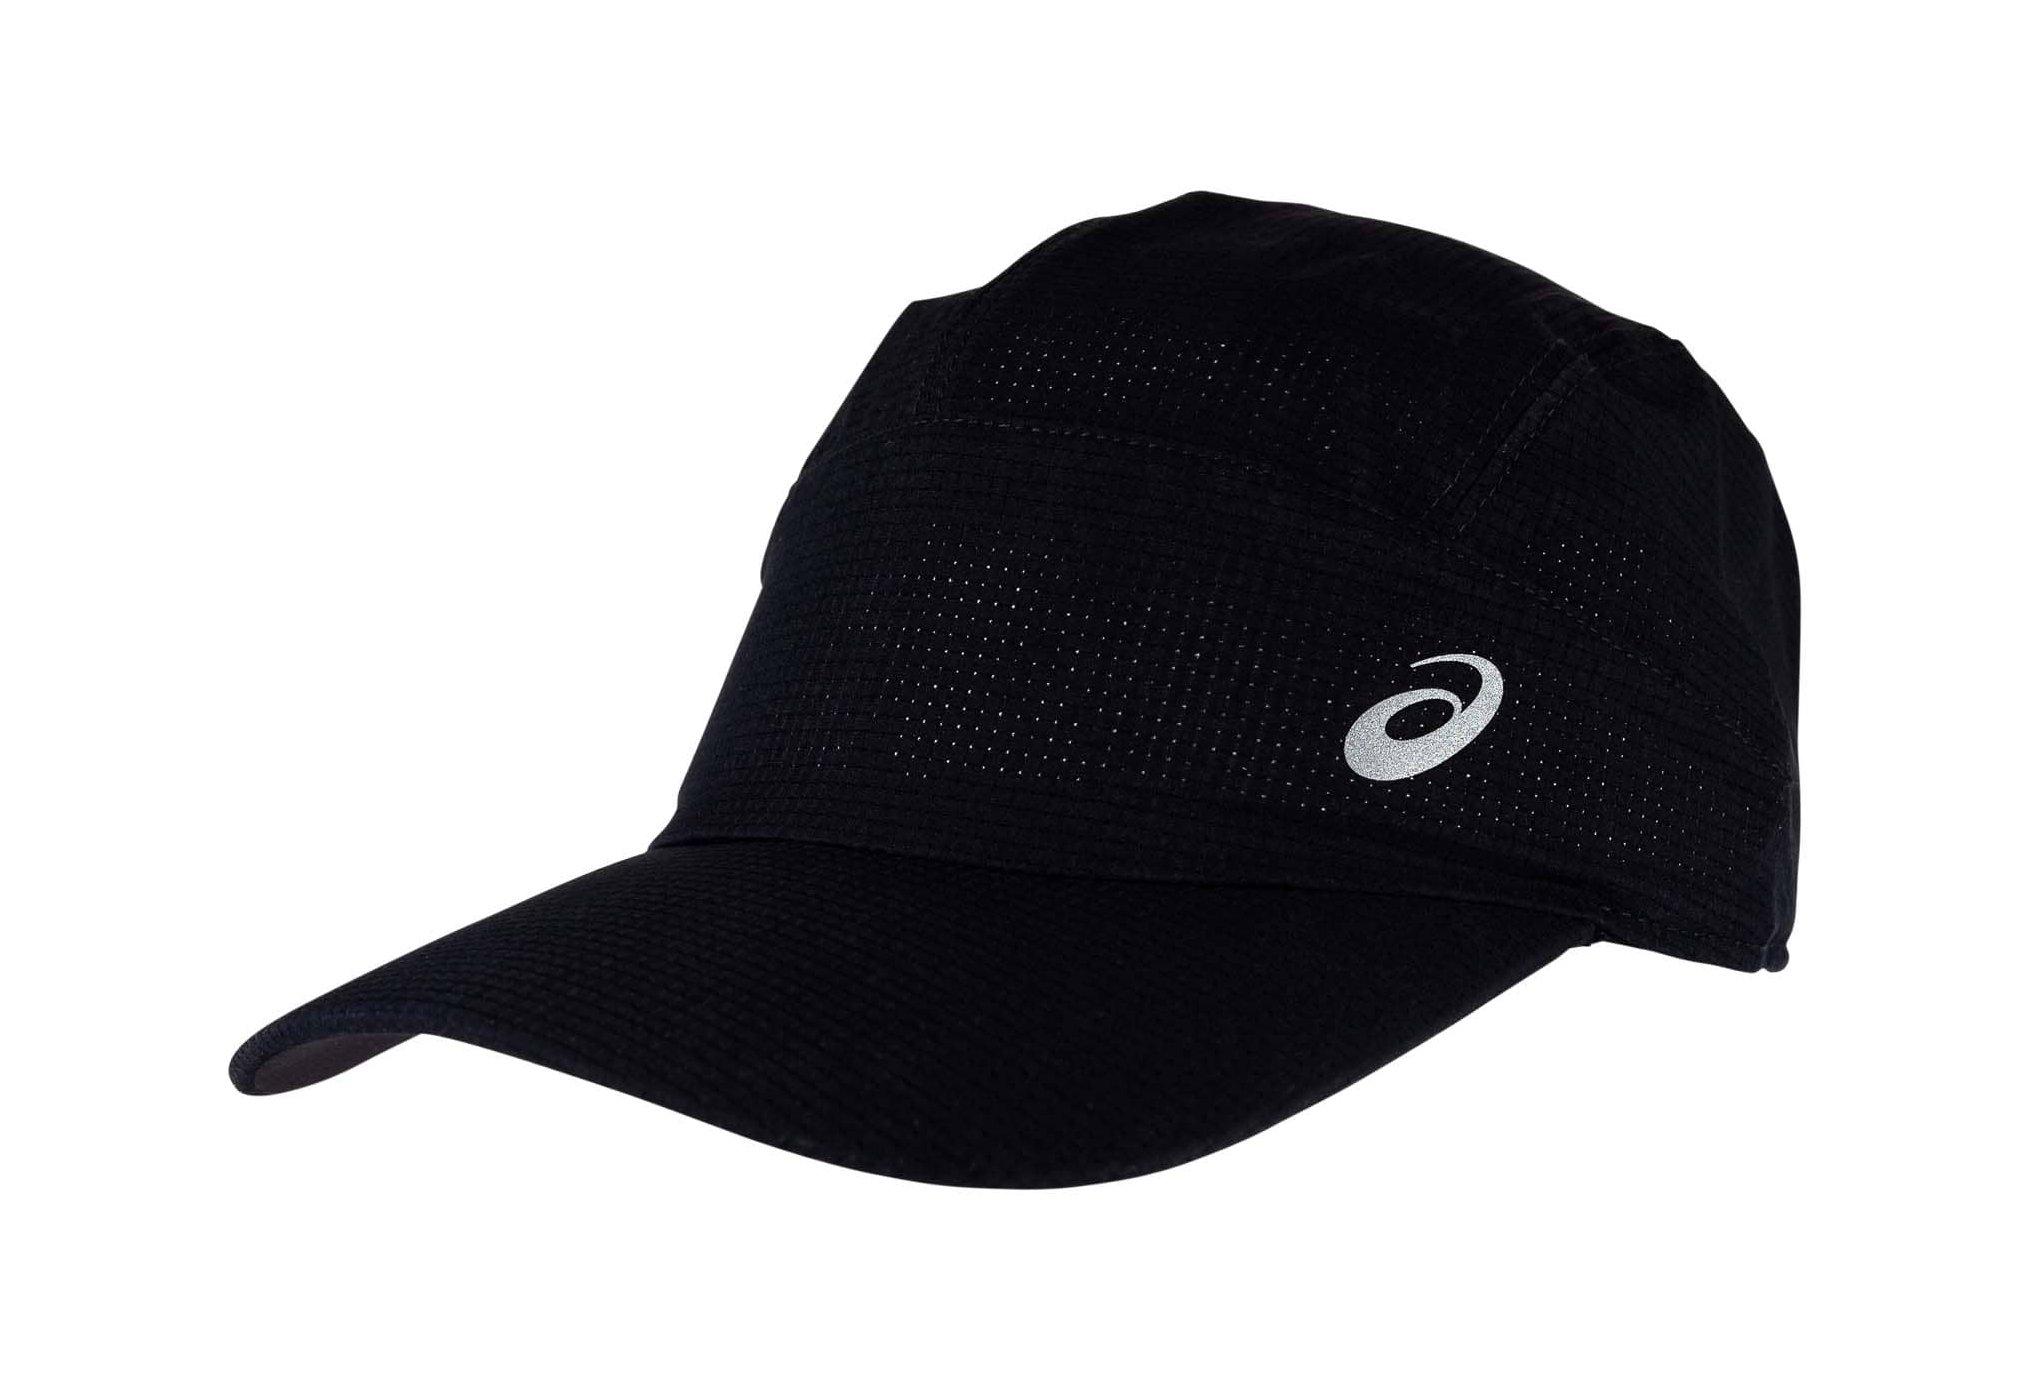 Asics Lightweight running cap casquettes / bandeaux